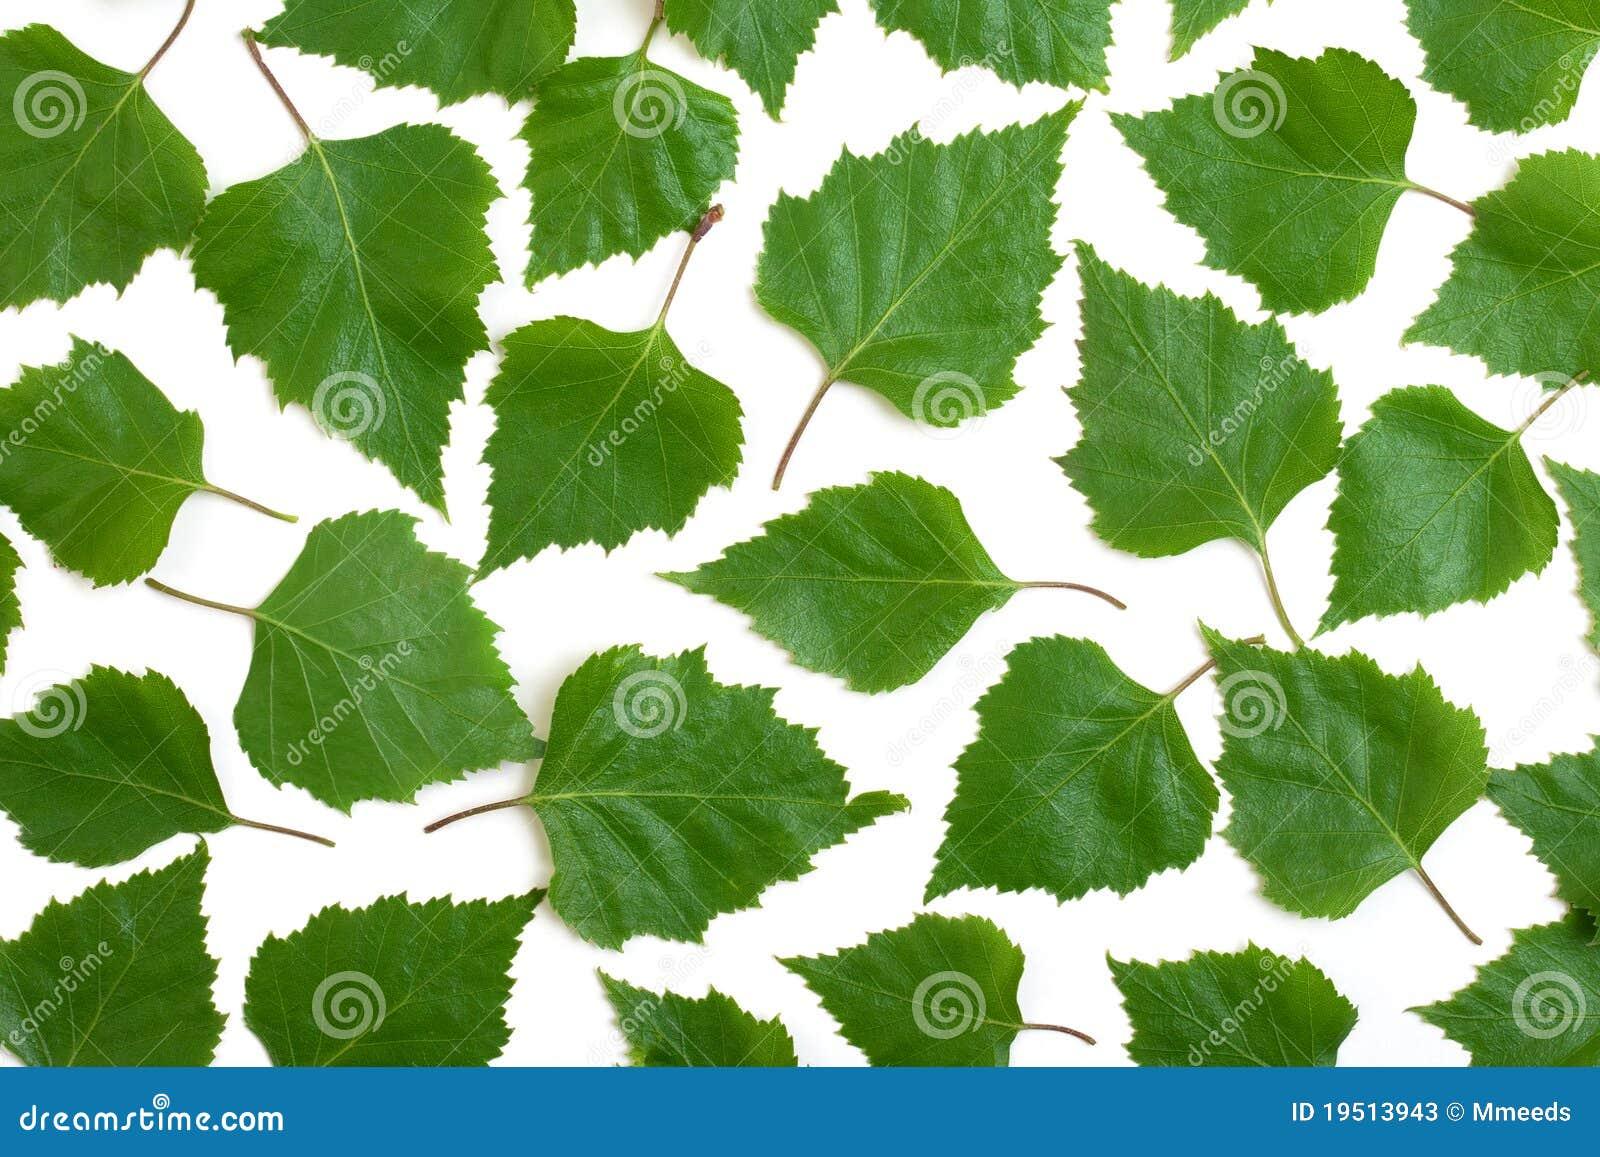 Березовые листья из бумаги